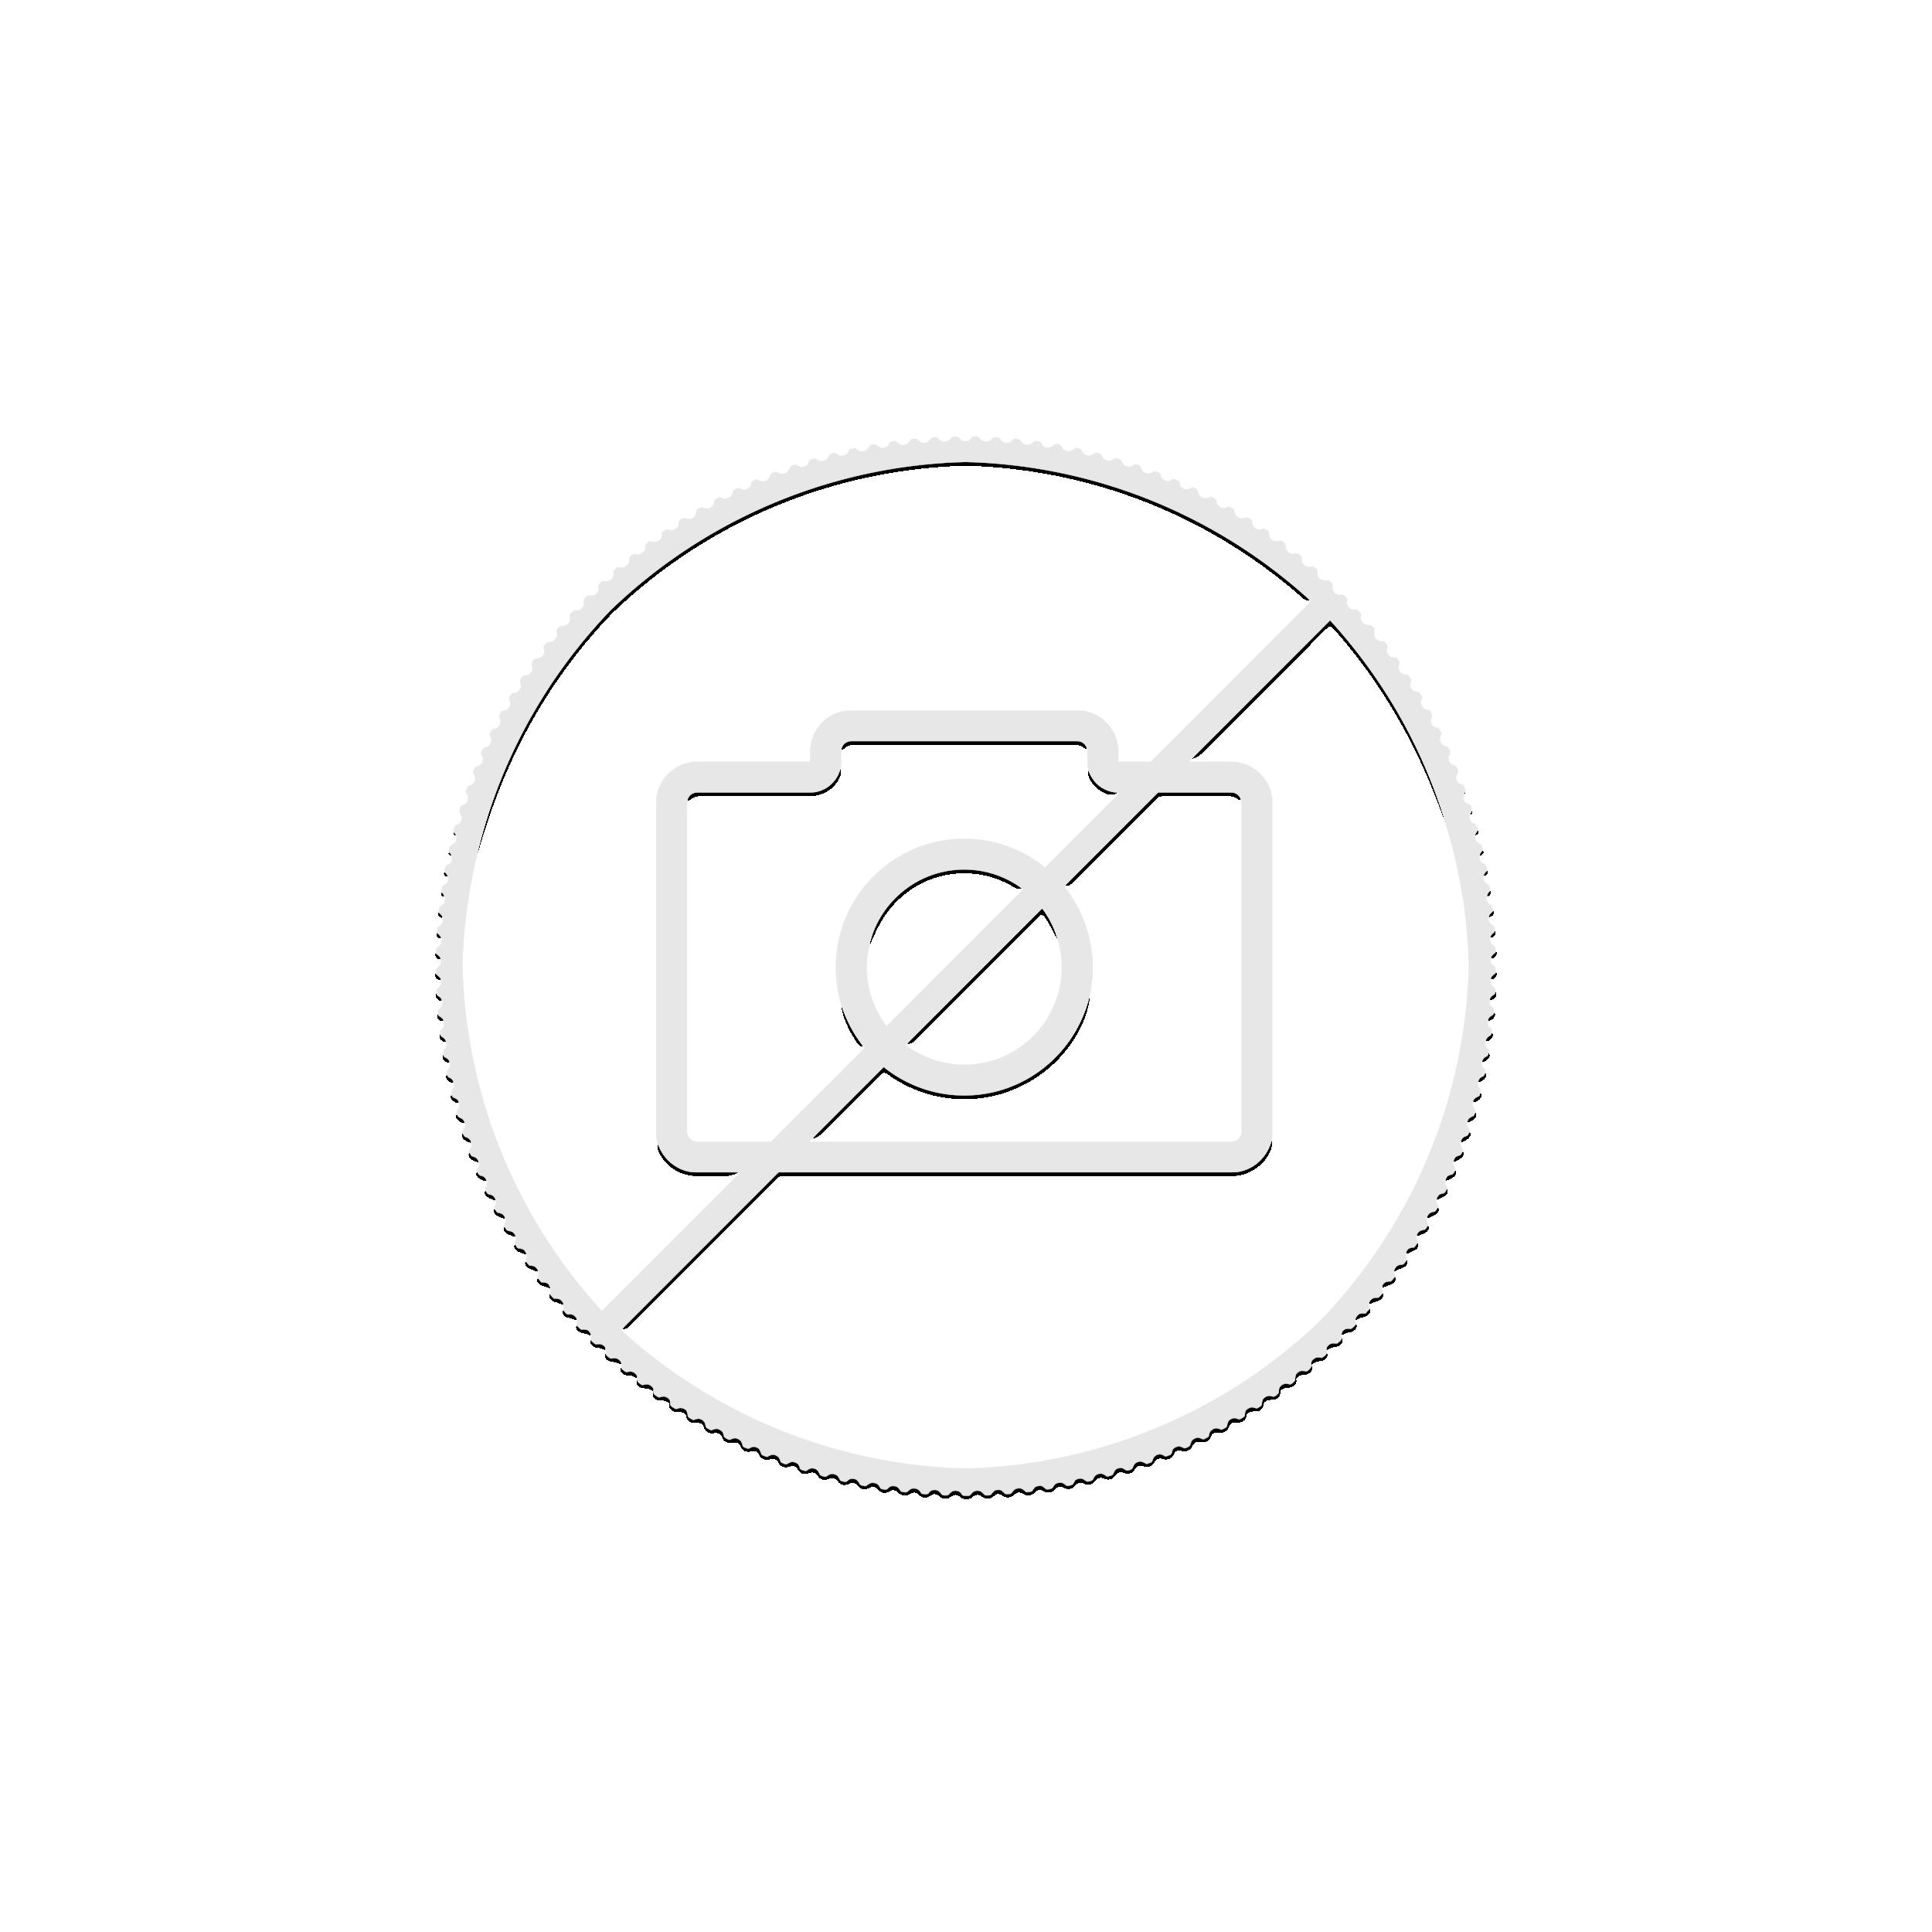 1 troy ounce goudbaar Umicore met certificaat